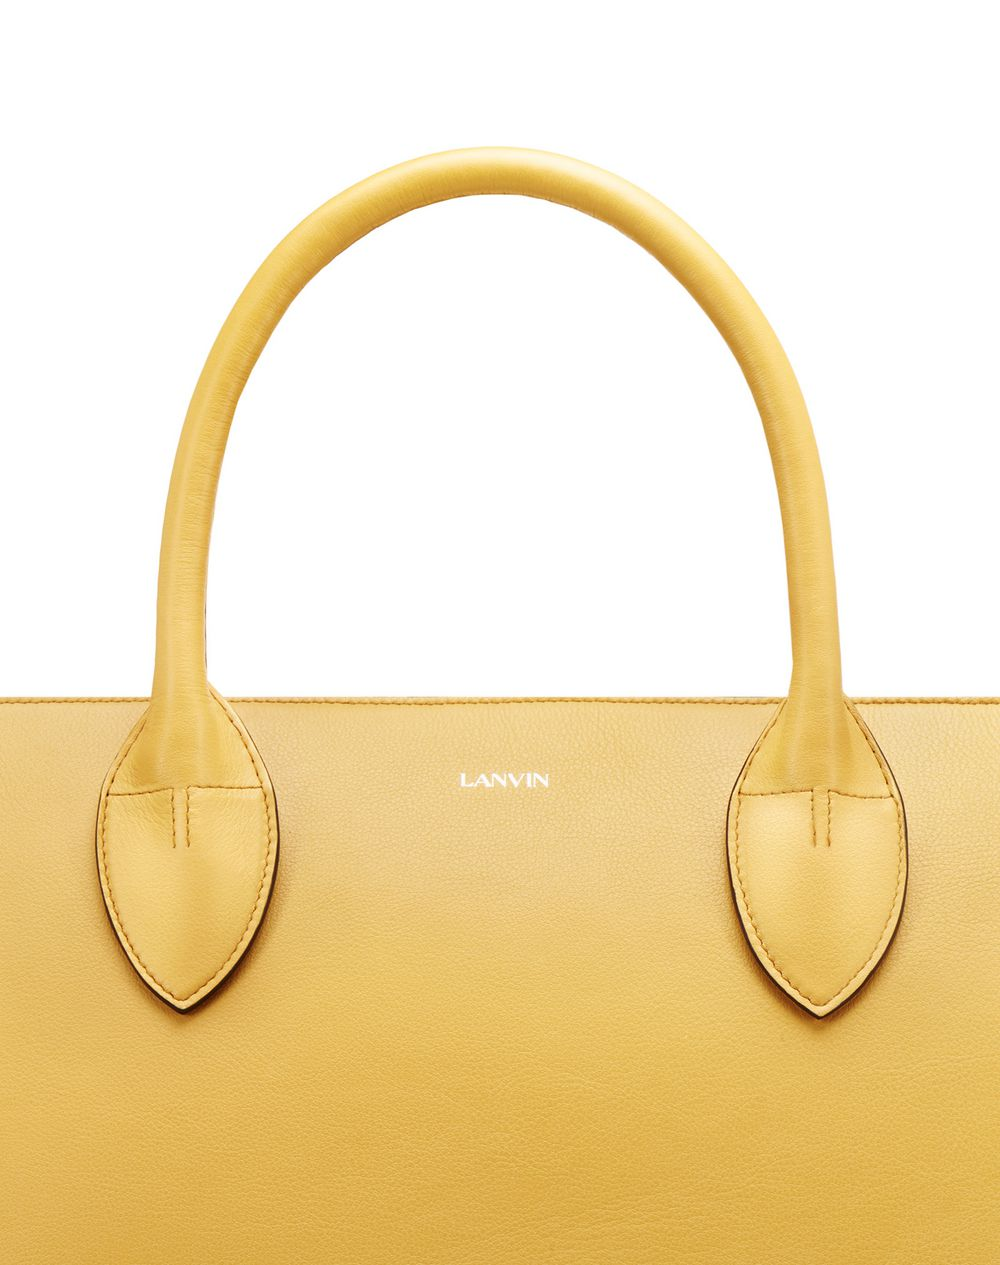 XL MAGOT BAG - Lanvin